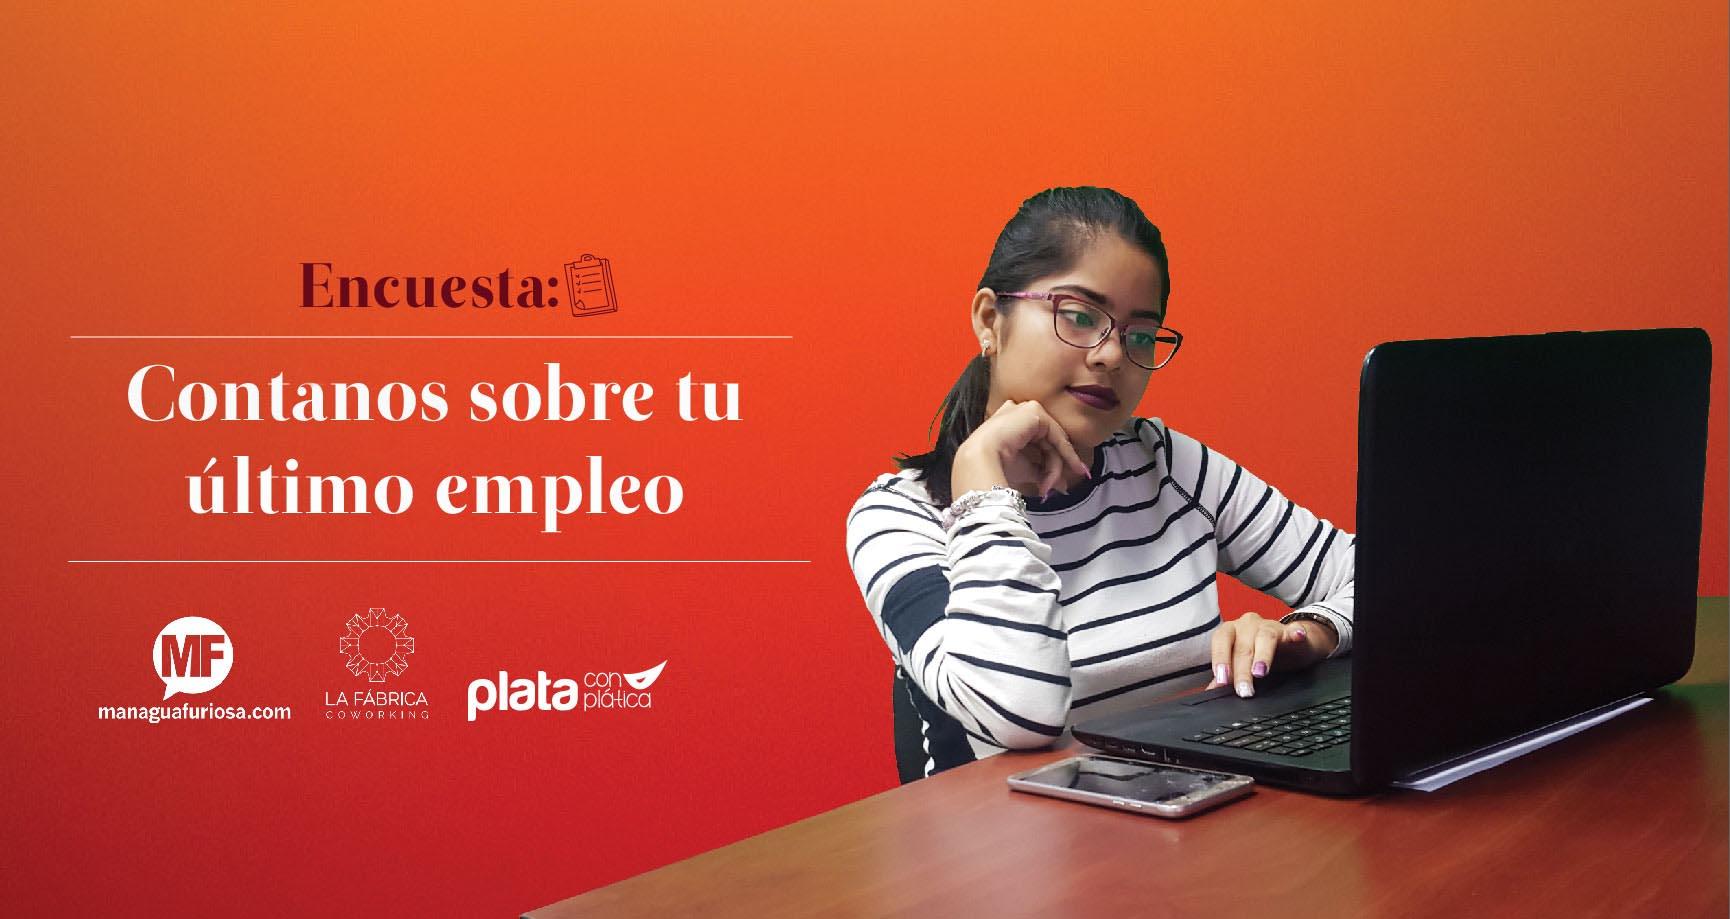 Encuesta: Contanos de tu último empleo